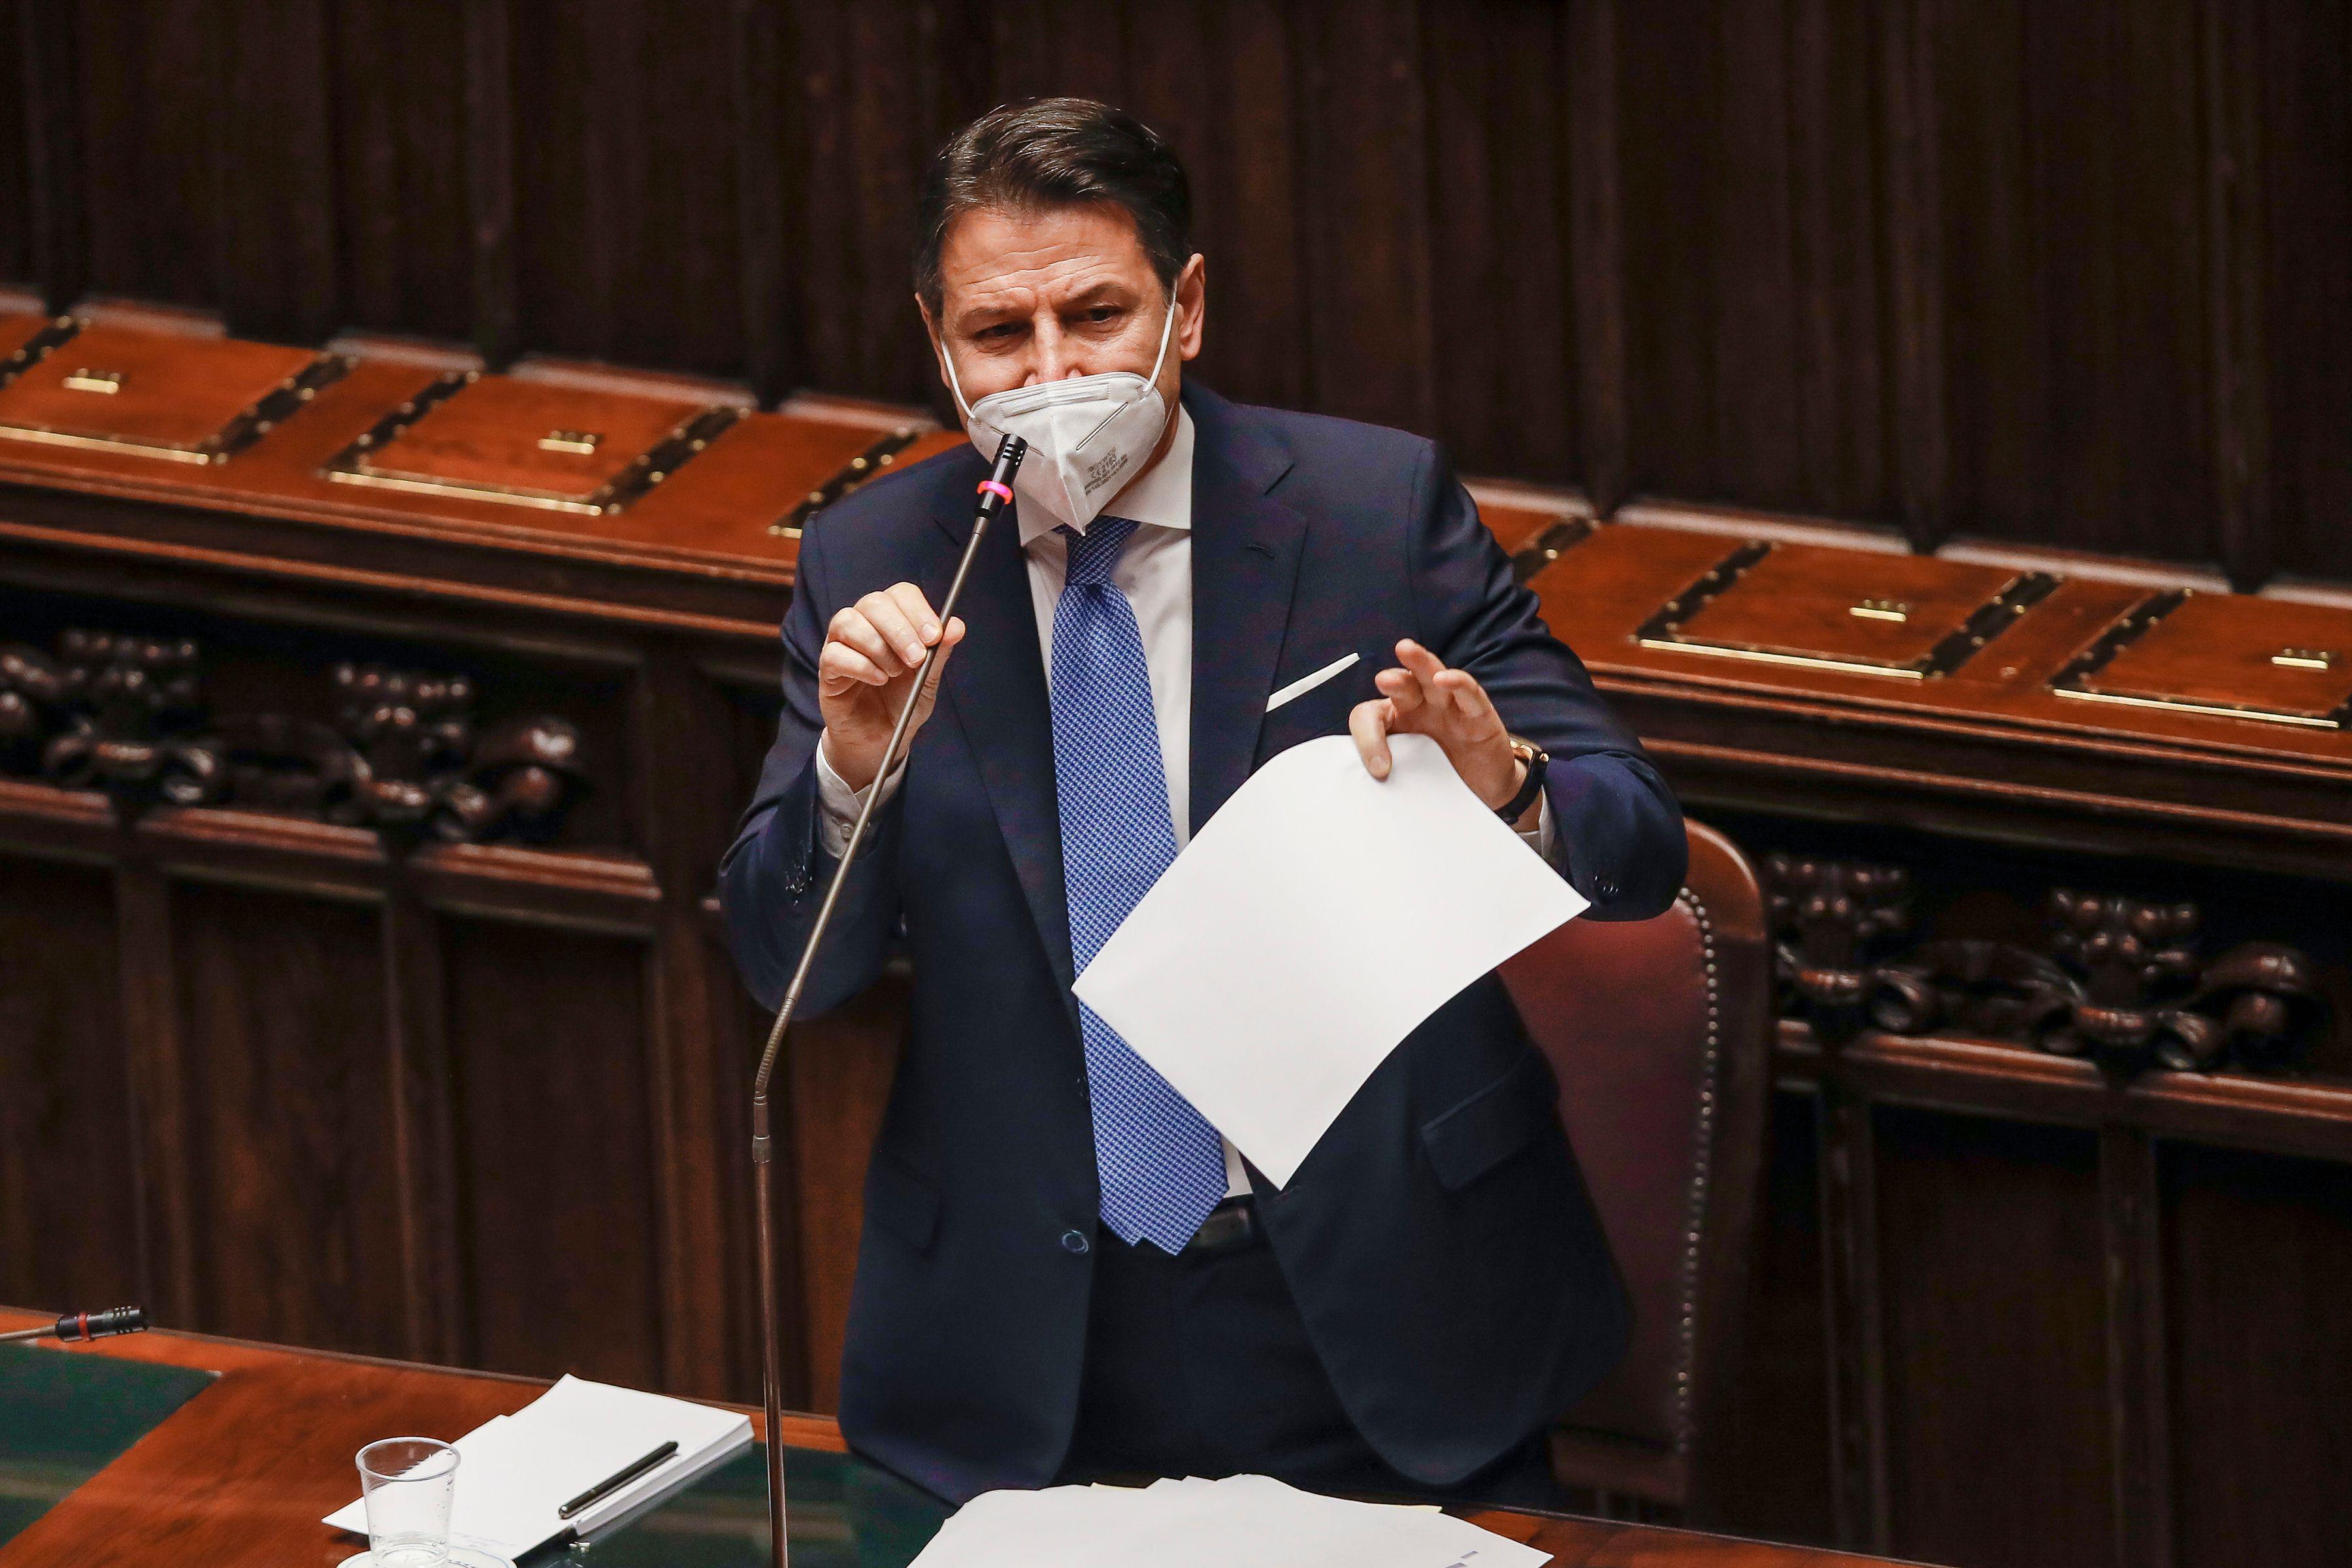 جوزپه كنته امروز در پارلمان ایتالیا سخنرانی كرد.